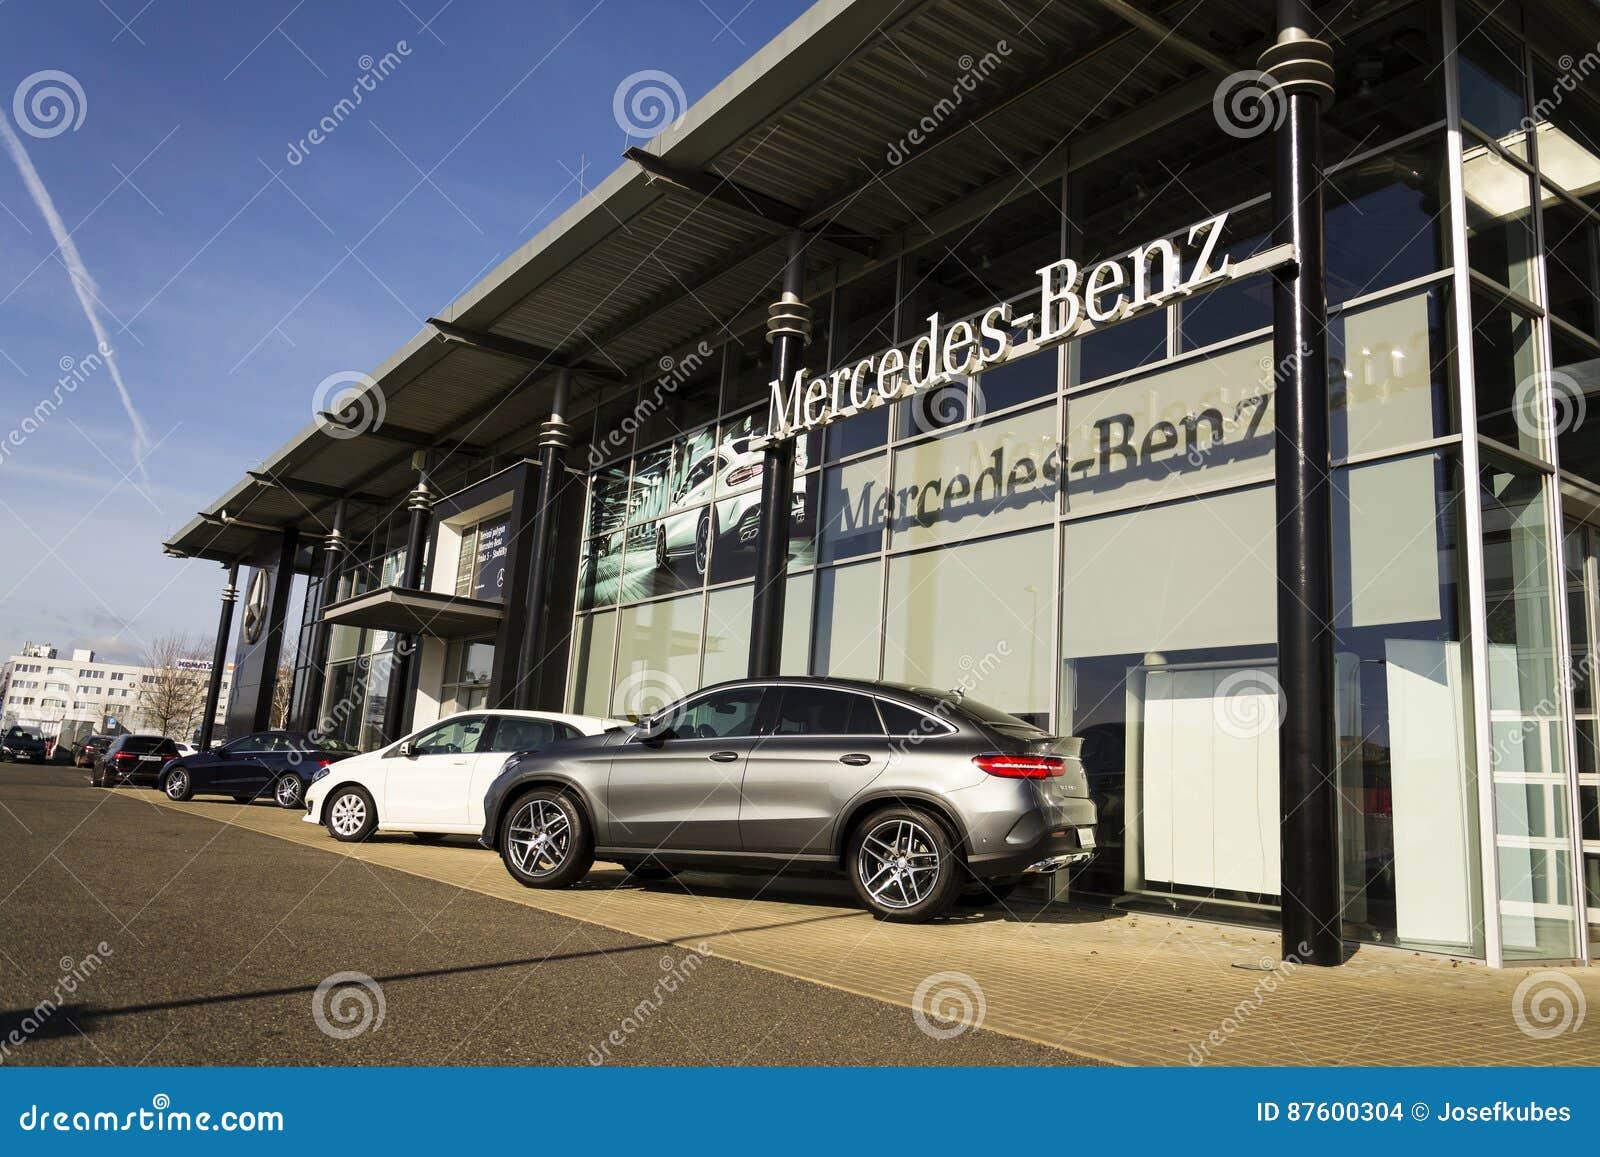 Mercedes benz car logo on dealership building on february for Mercedes benz car dealers